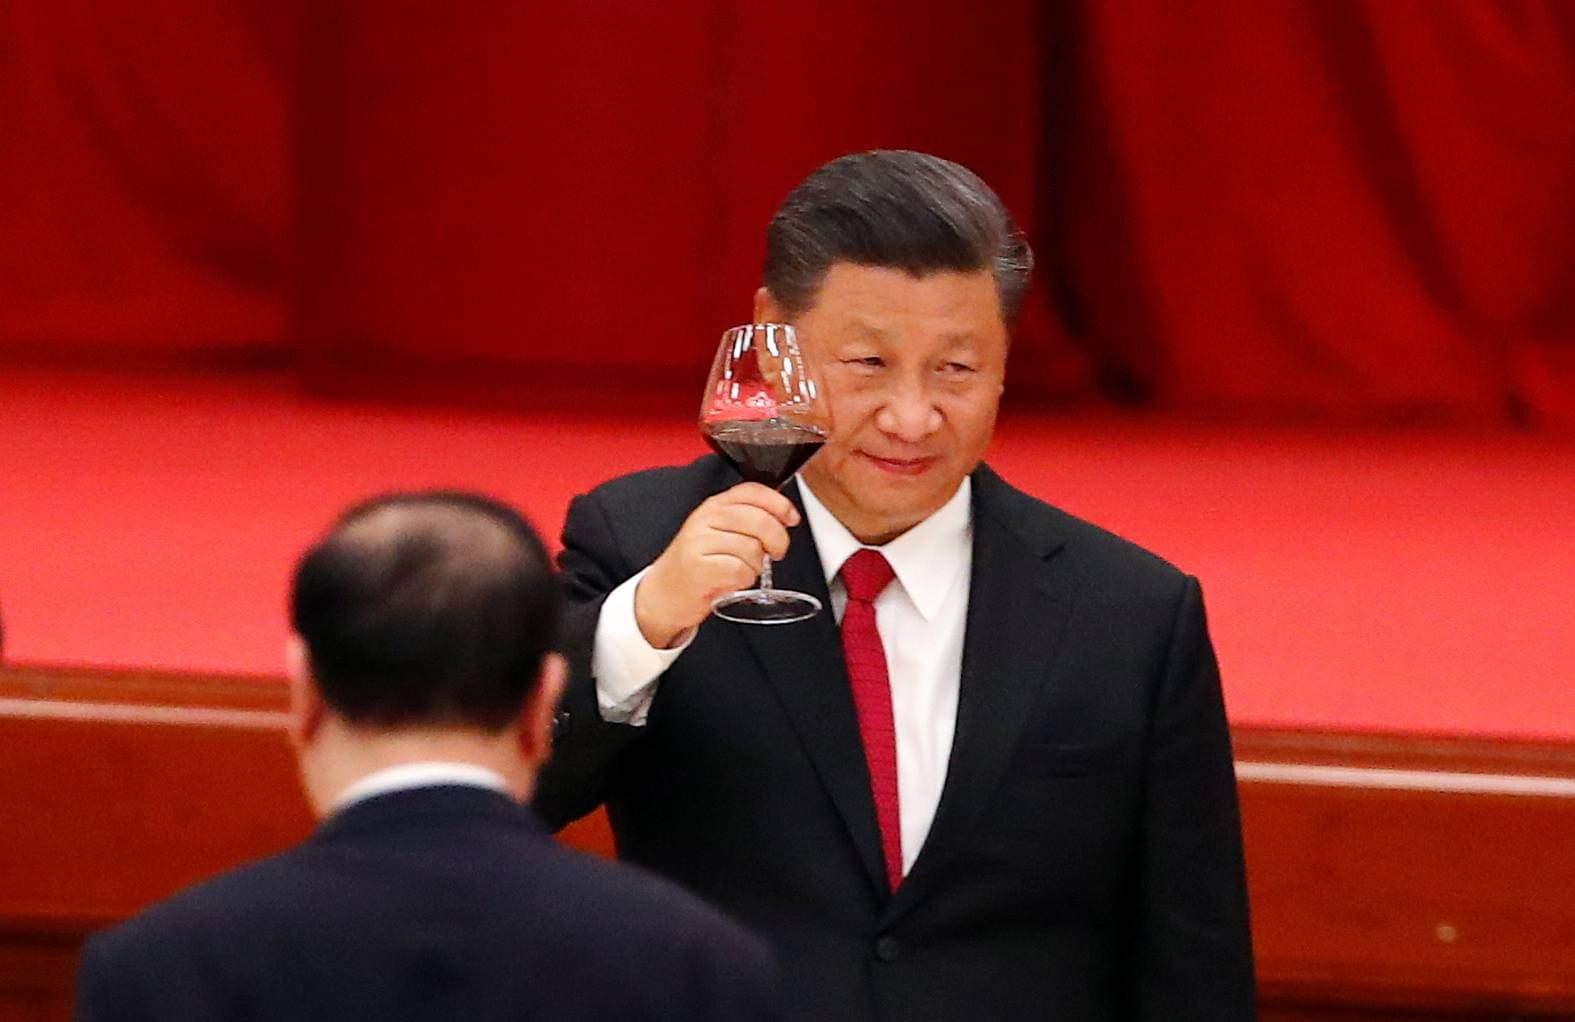 ထိုင်ဝမ်နဲ့ ငြိမ်းချမ်းစွာ ပြန်လည် ပေါင်းစည်းမယ်လို့ တရုတ်သမ္မတ ရှီကျင့်ဖျင်ကတိပြု